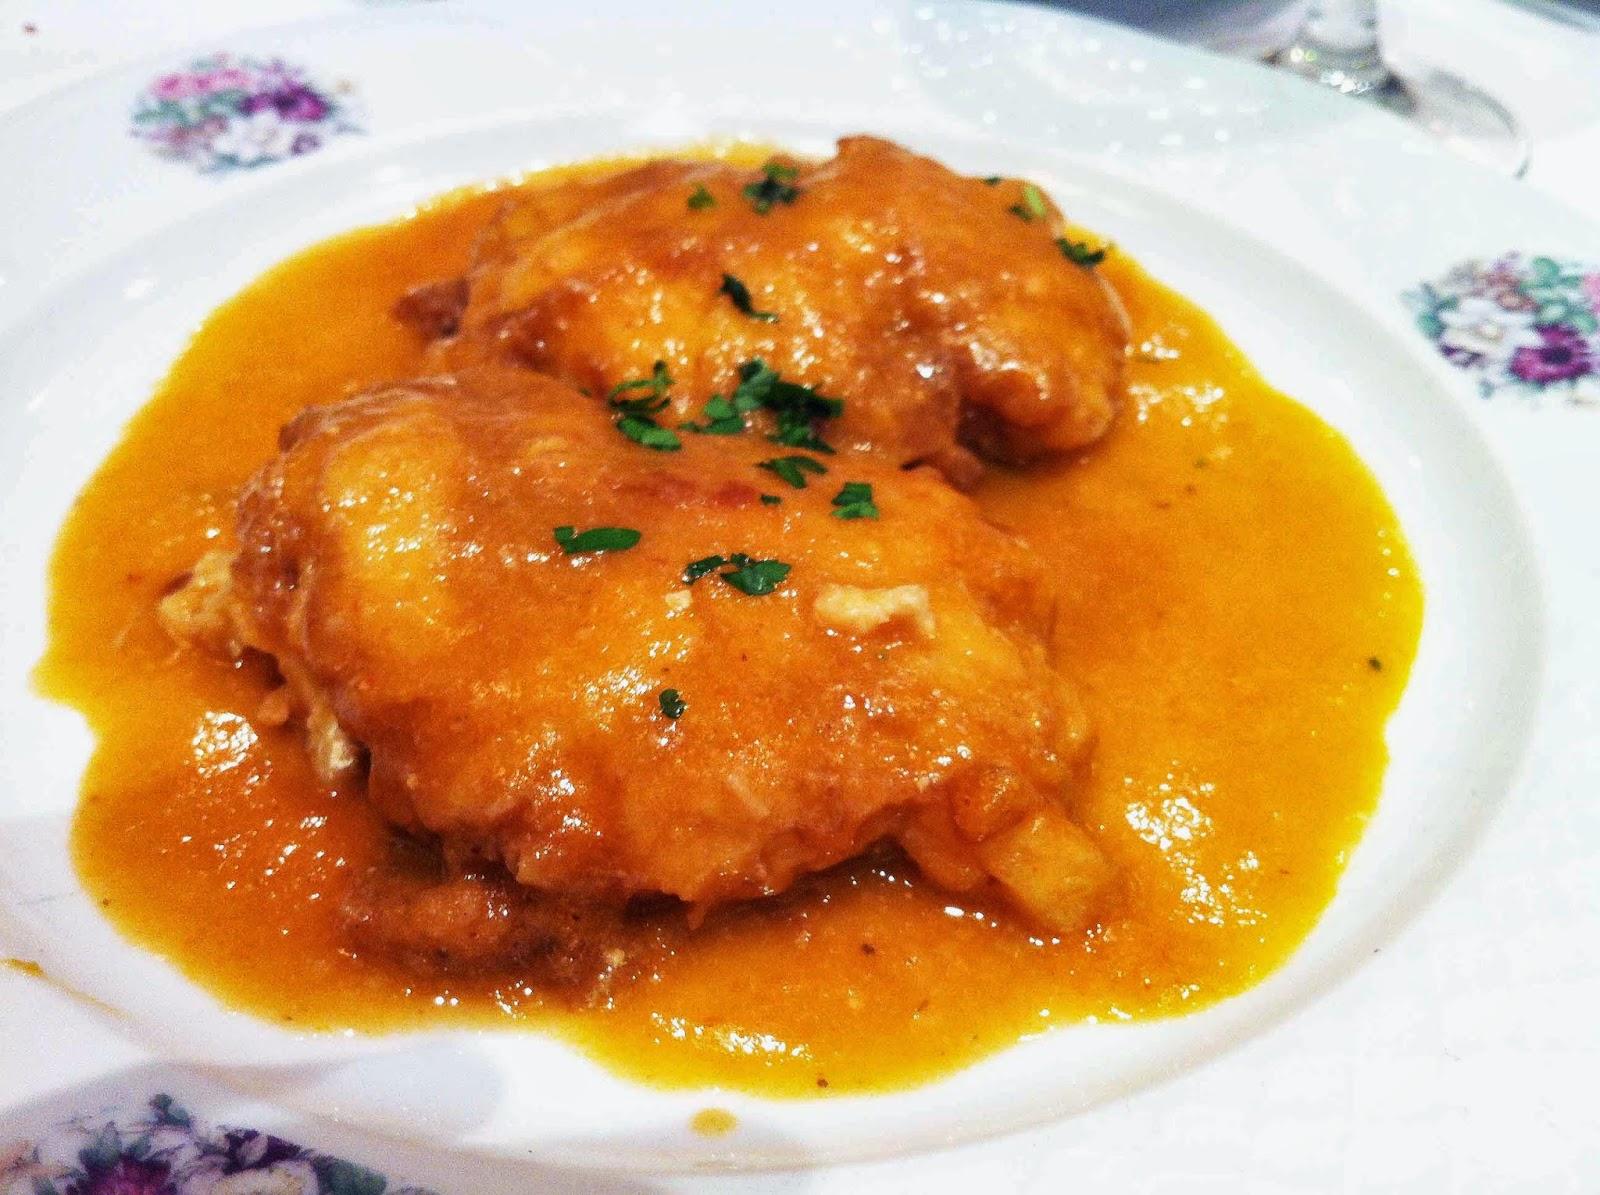 Nuestras escapadas familiares nuef restaurante oncalada - Merluza rellena de marisco al horno ...